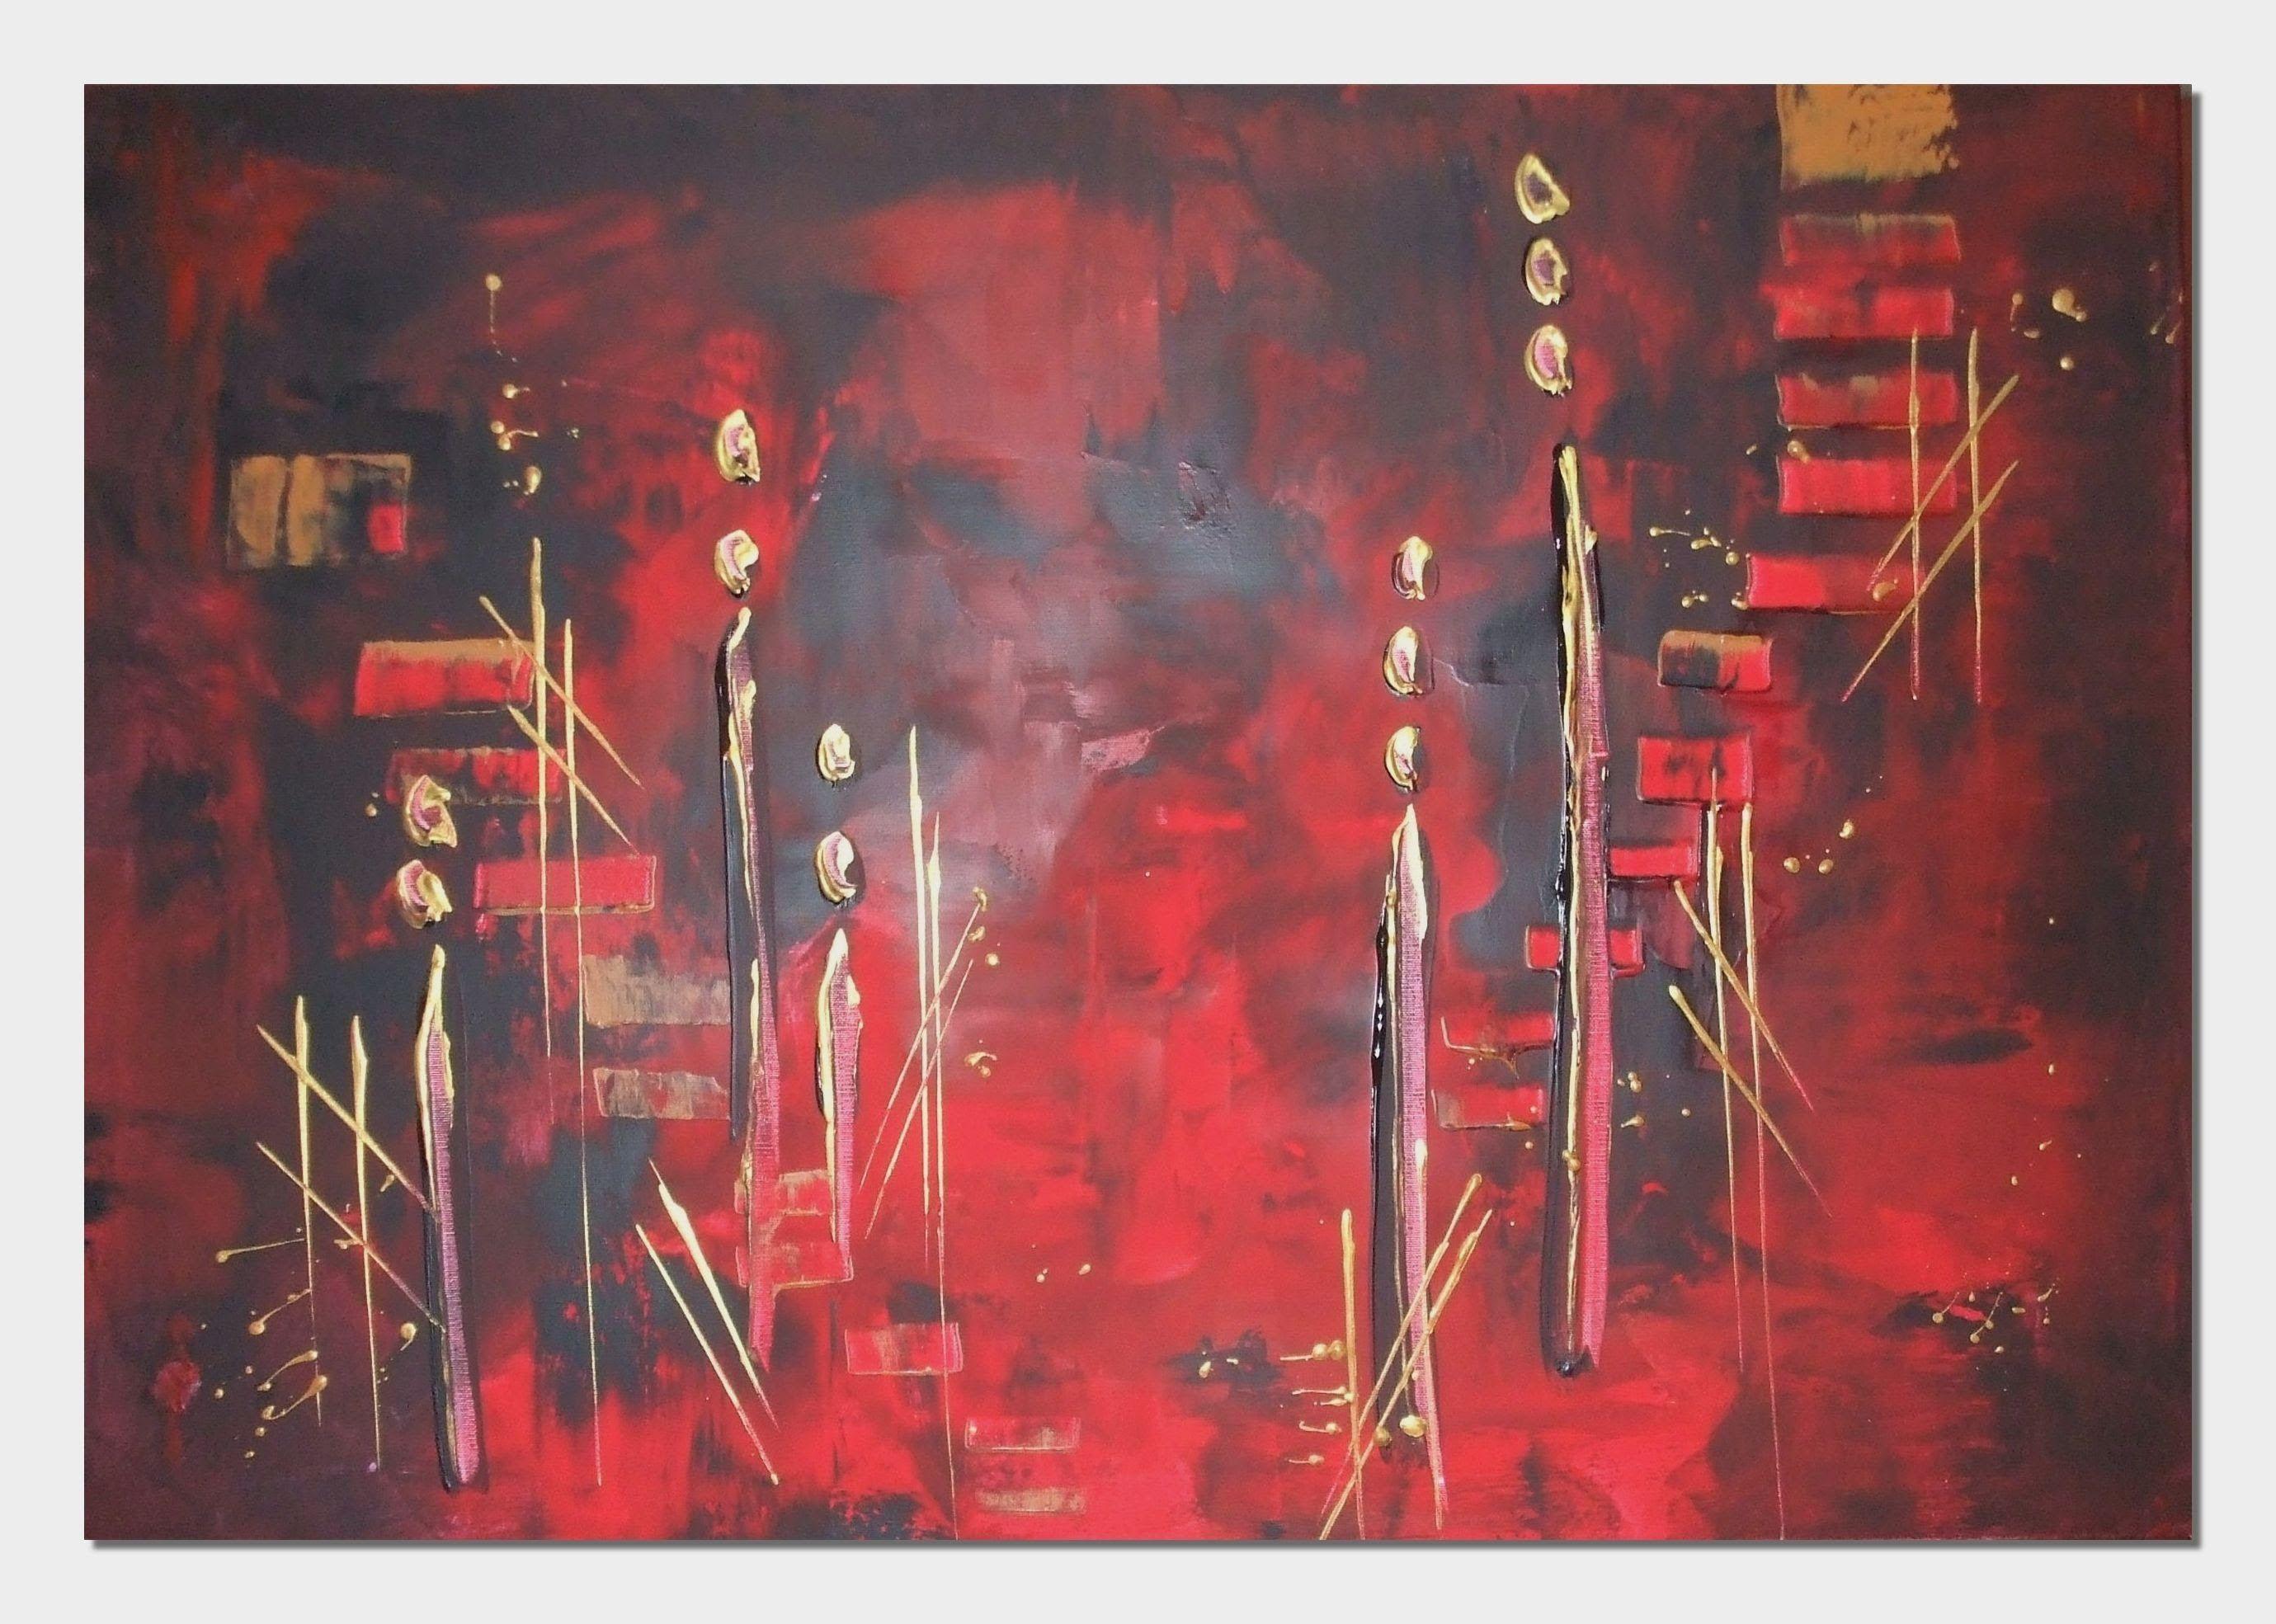 Acrylmalerei spachteln acrylic painting spackling art - Acrylmalerei ideen ...